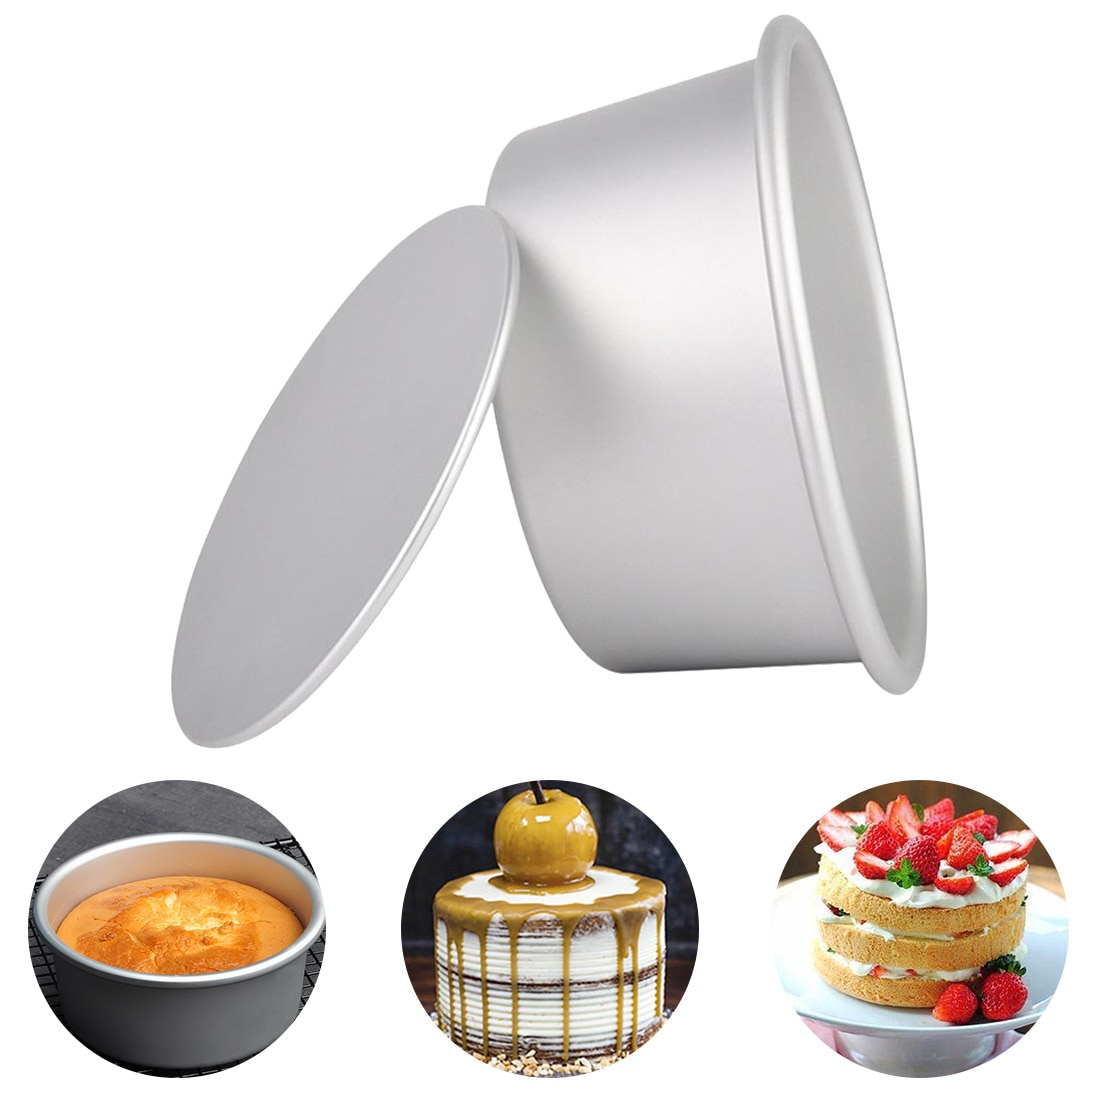 Кухонный инструмент для торта 2/4/5/6/7/8/9 дюйма круглый алюминиевый сплав формы для выпечки торта Форма для выпечки сковорода форма для пудинга